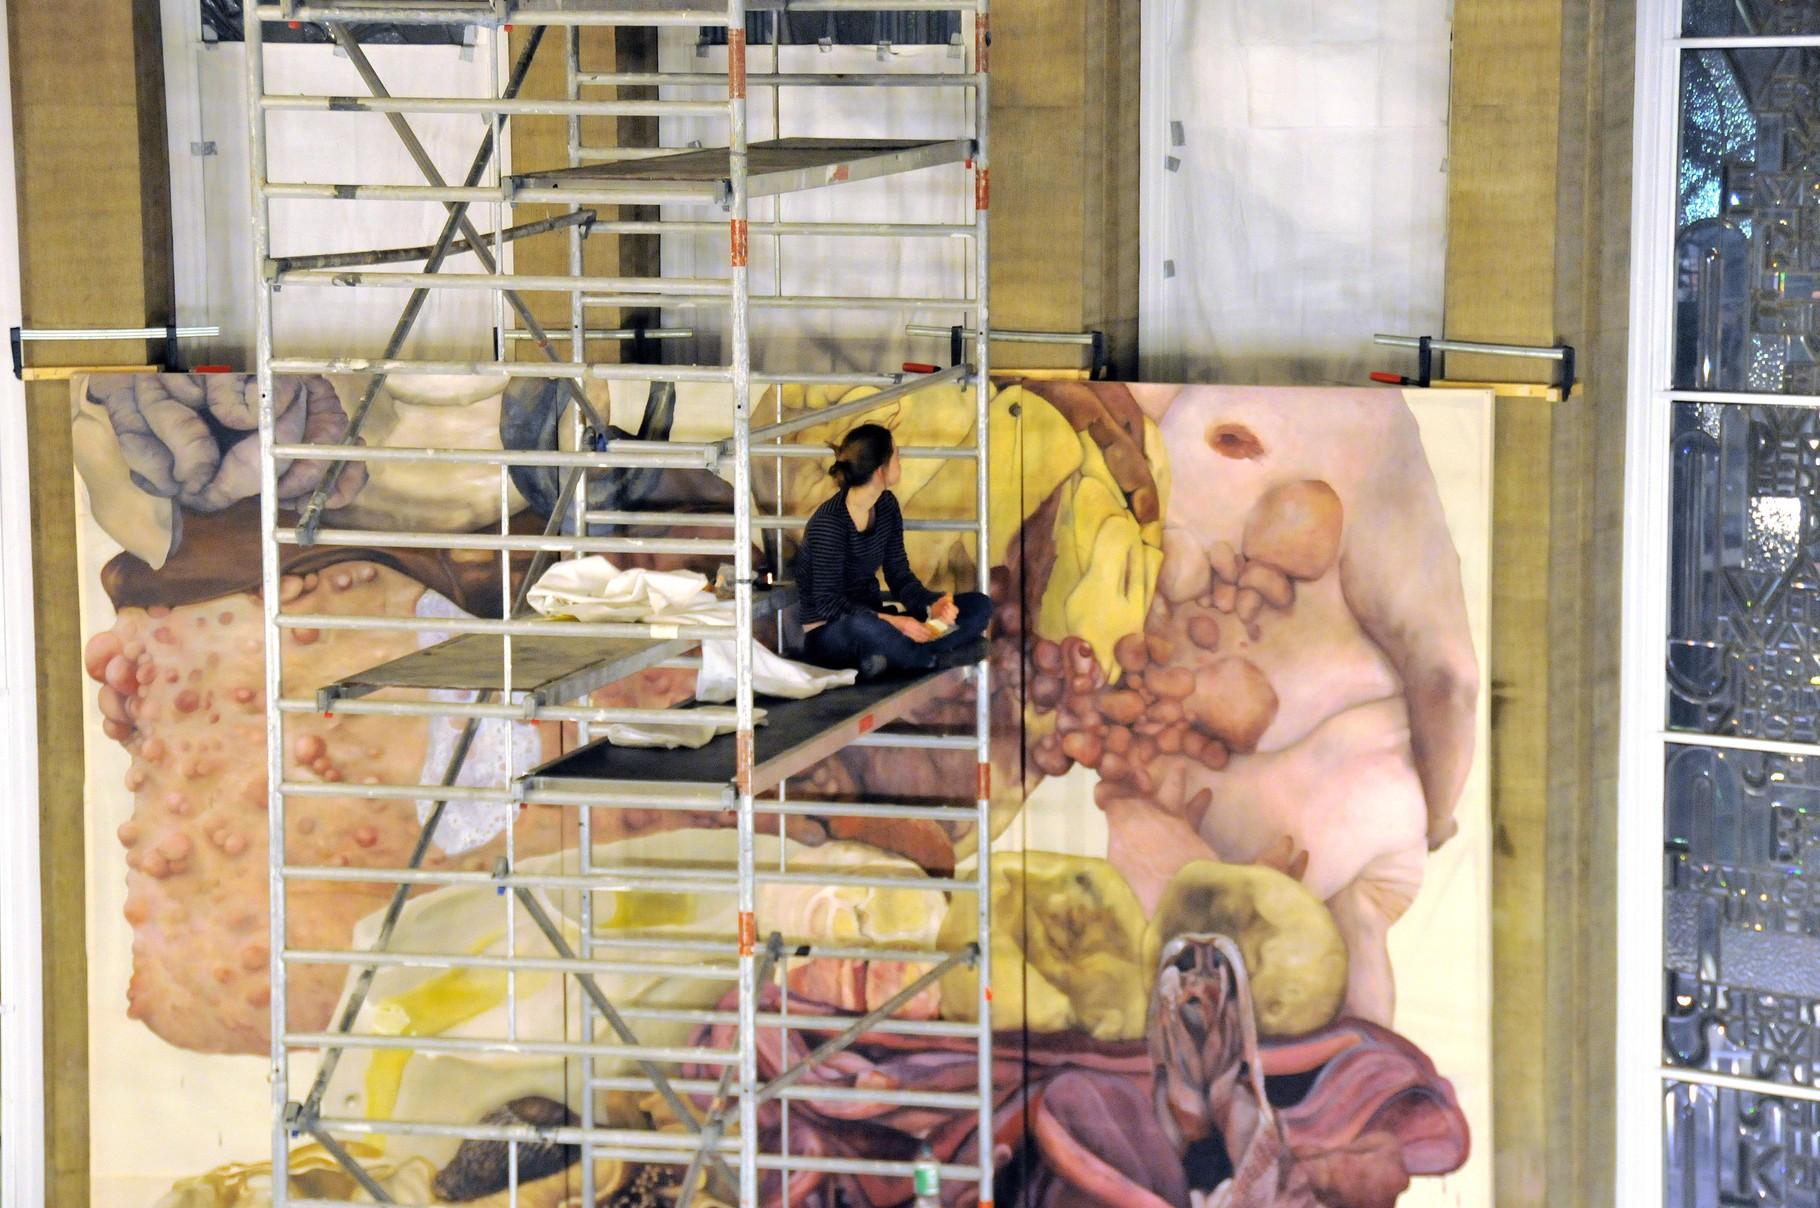 Lydia Balke und Laura Link: Der Bürger macht sich kein Bild - progress view - 2014